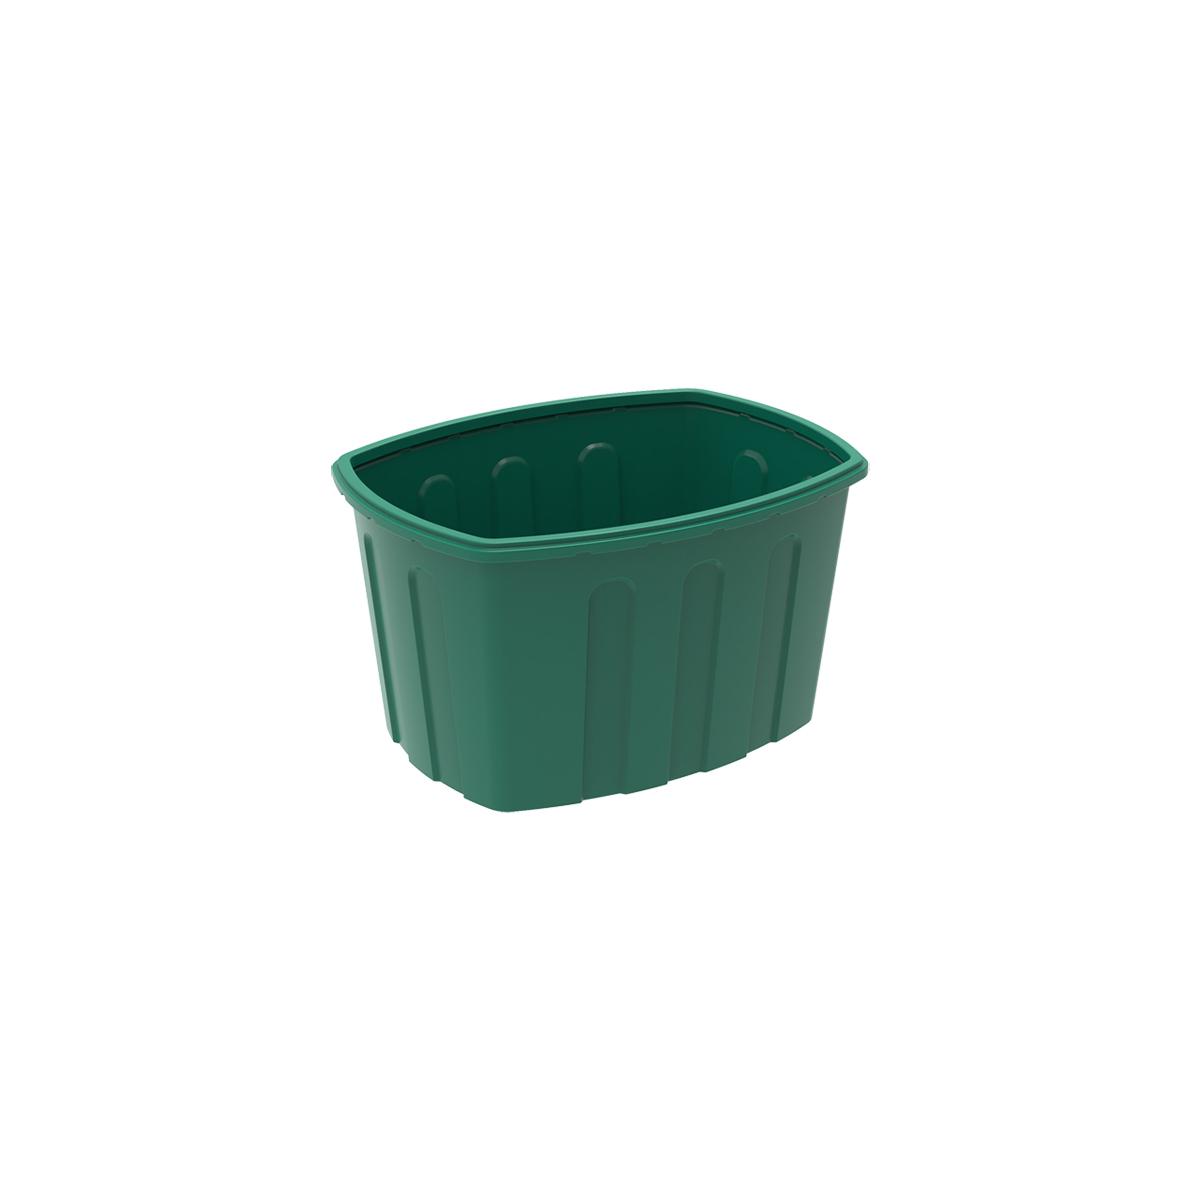 Ванна 200 литров зеленая